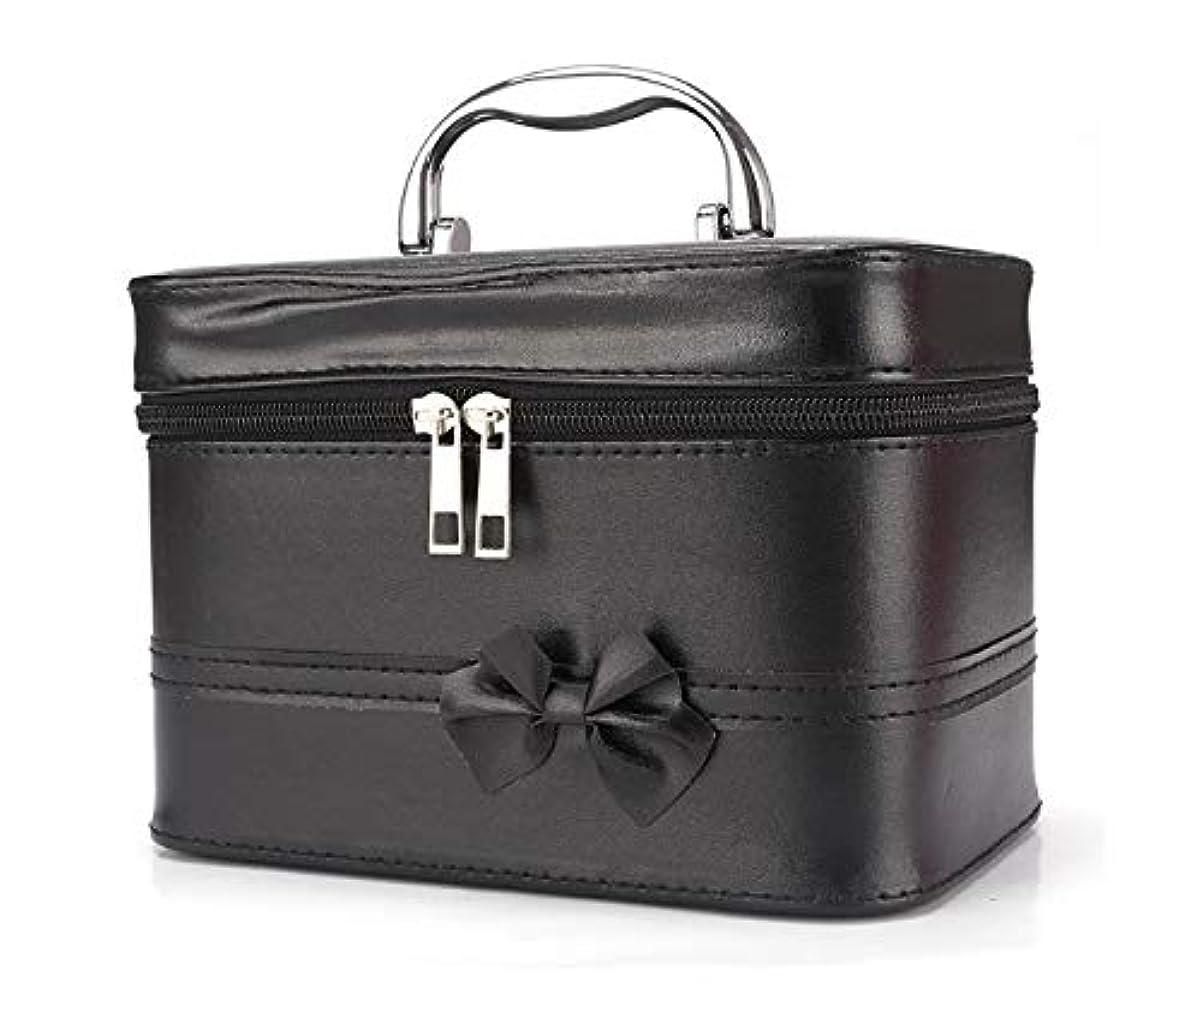 有名ギャザー可能化粧箱、弓スクエアポータブル化粧品袋、ポータブルポータブル旅行化粧品ケース、美容ネイルジュエリー収納ボックス (Color : ブラック)